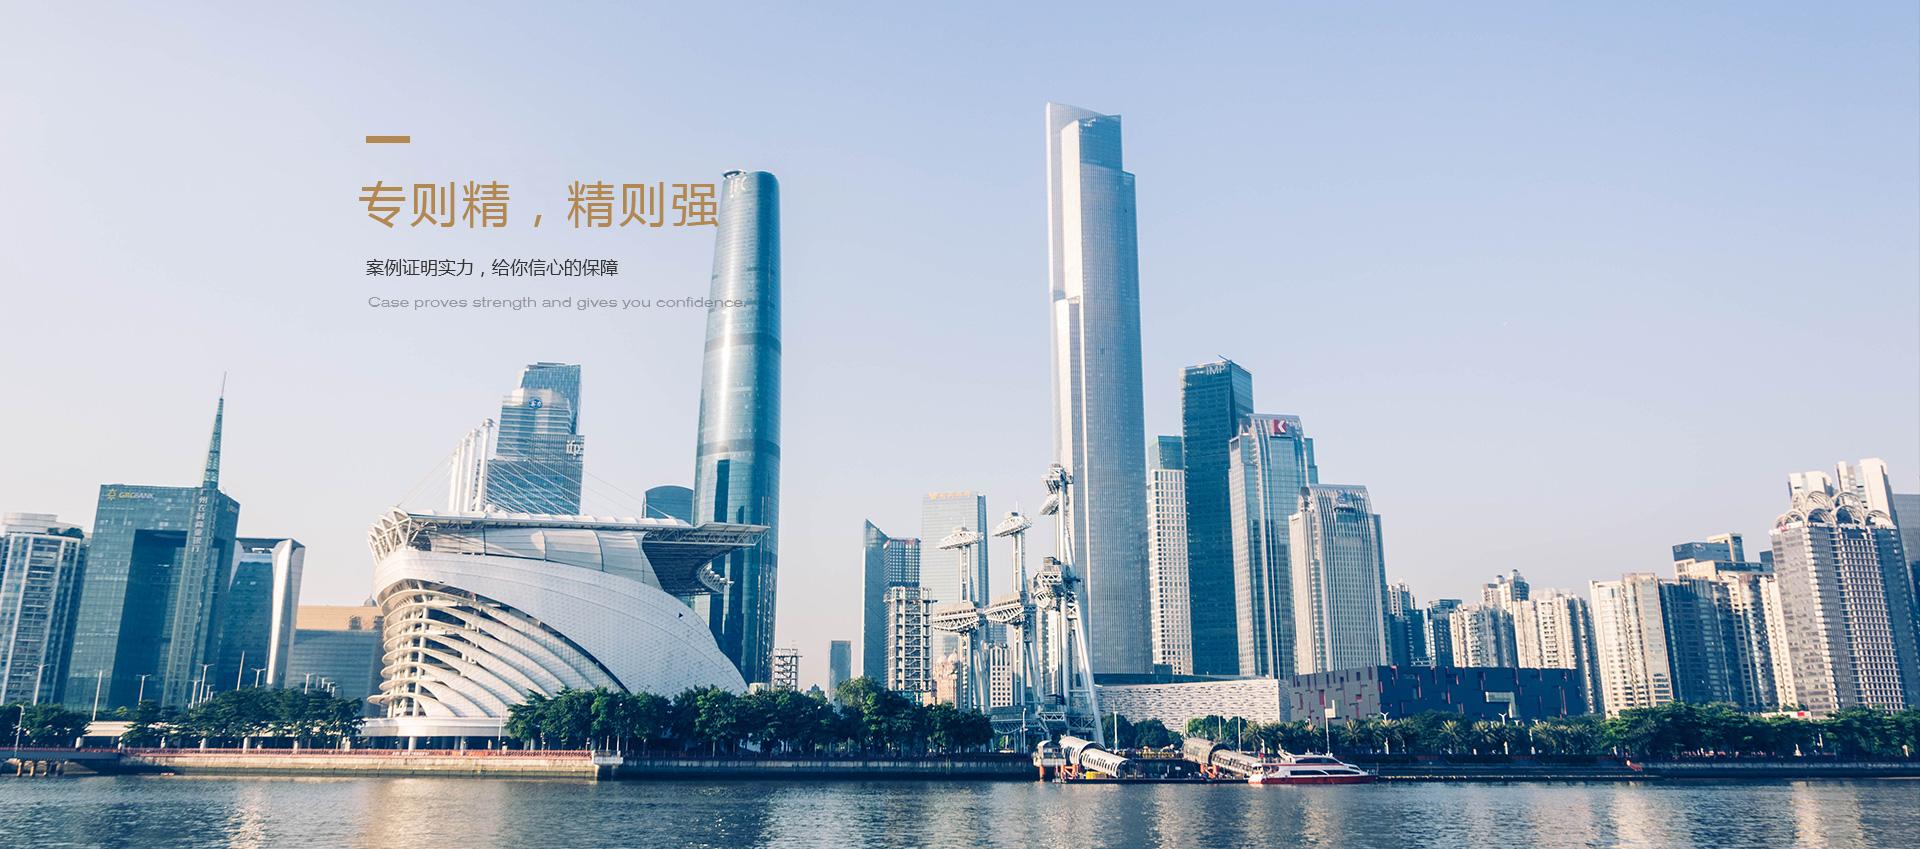 广东泓法刑辩律师战队网-广州洪树涌律师刑辩团队